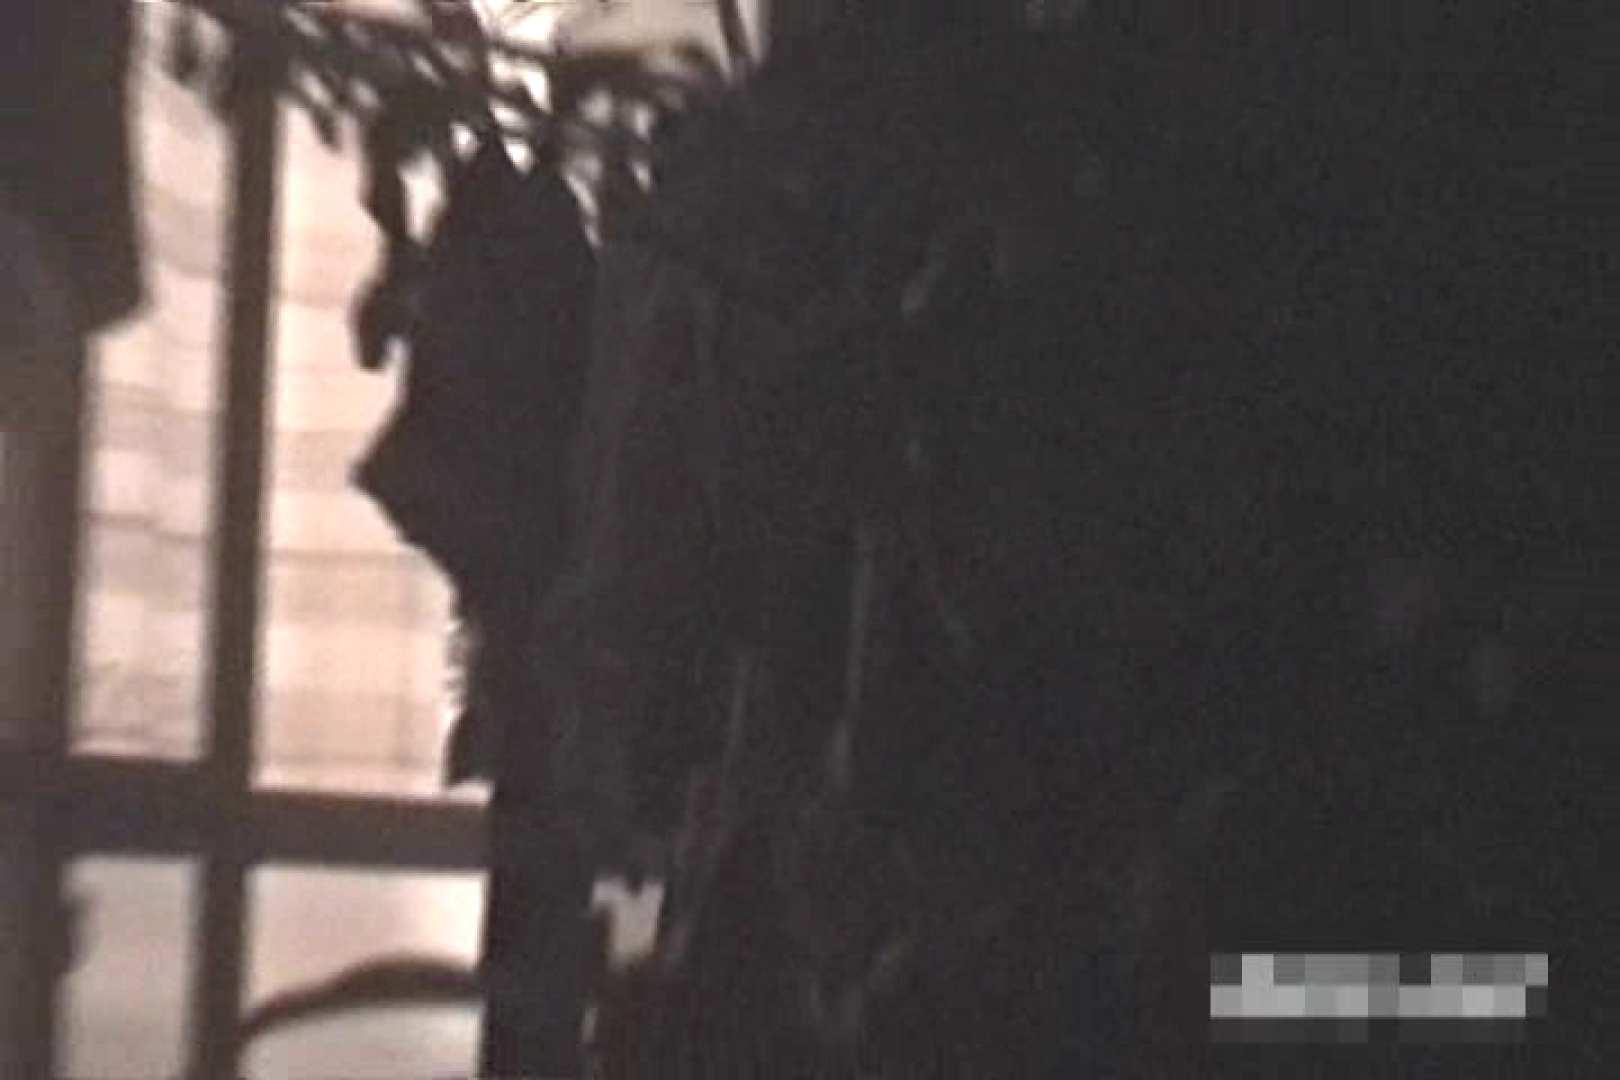 深夜の撮影会Vol.2 盗撮  28pic 7